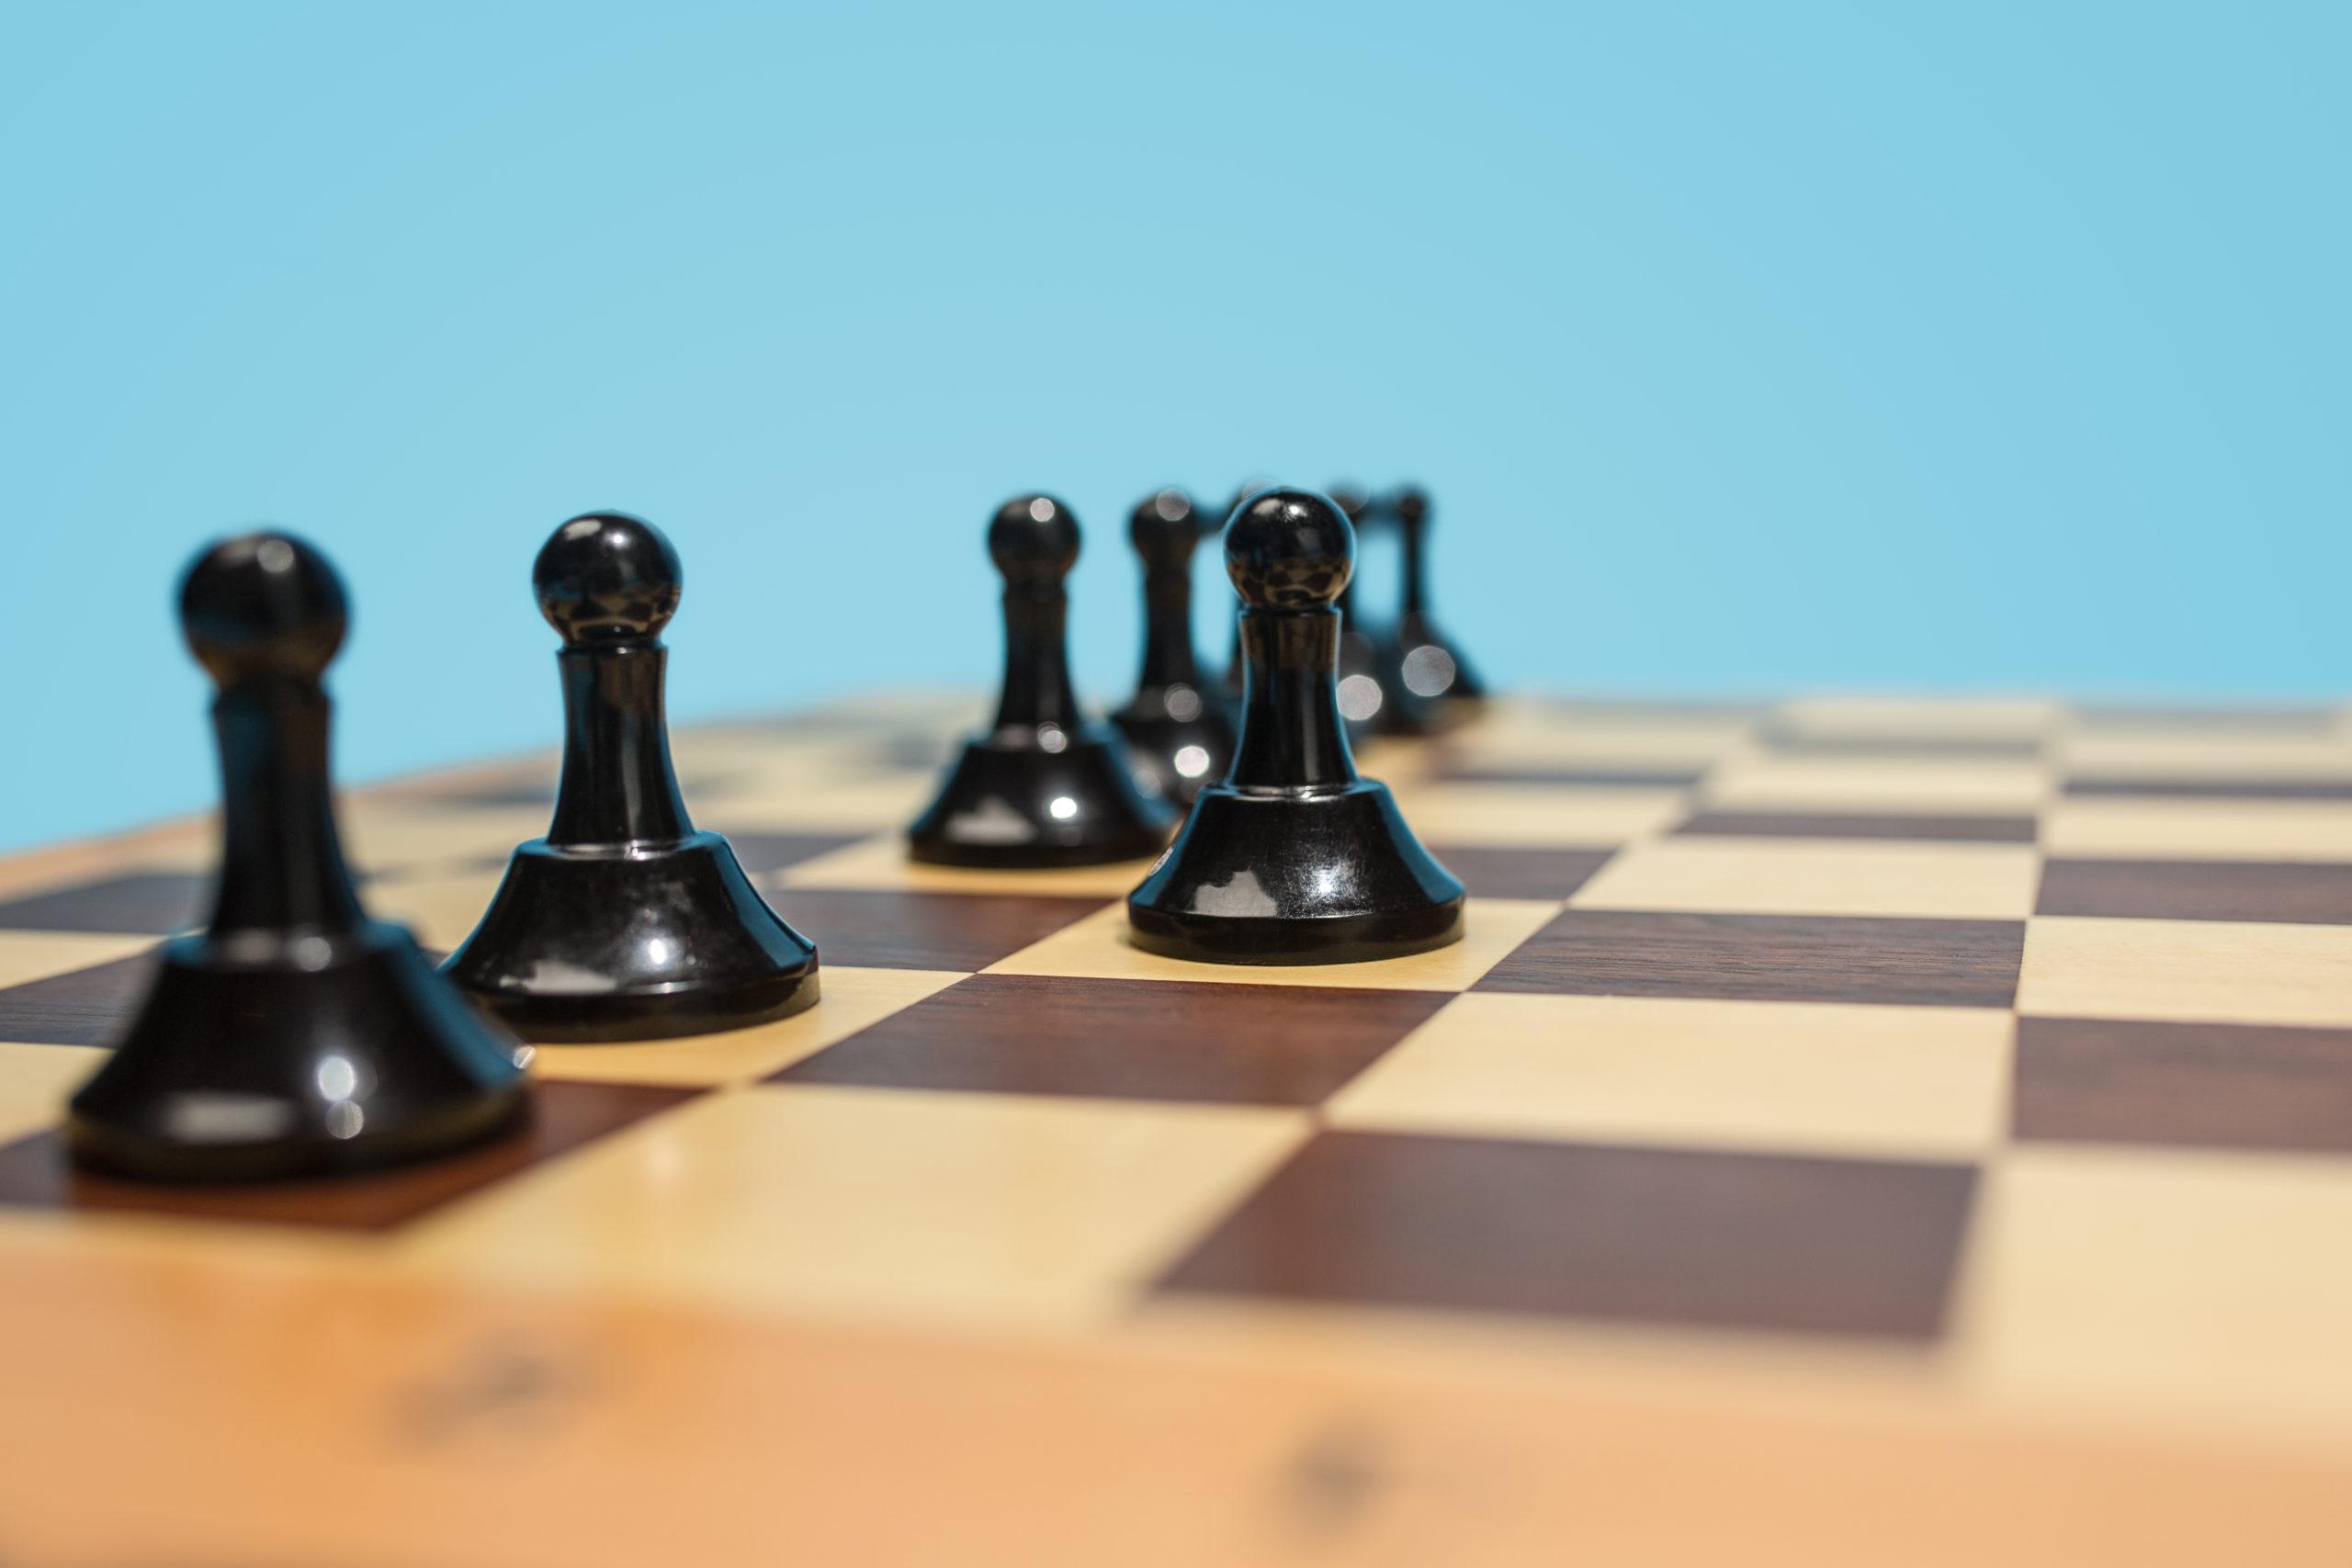 Estrategia de ajedrez: evaluar una posición